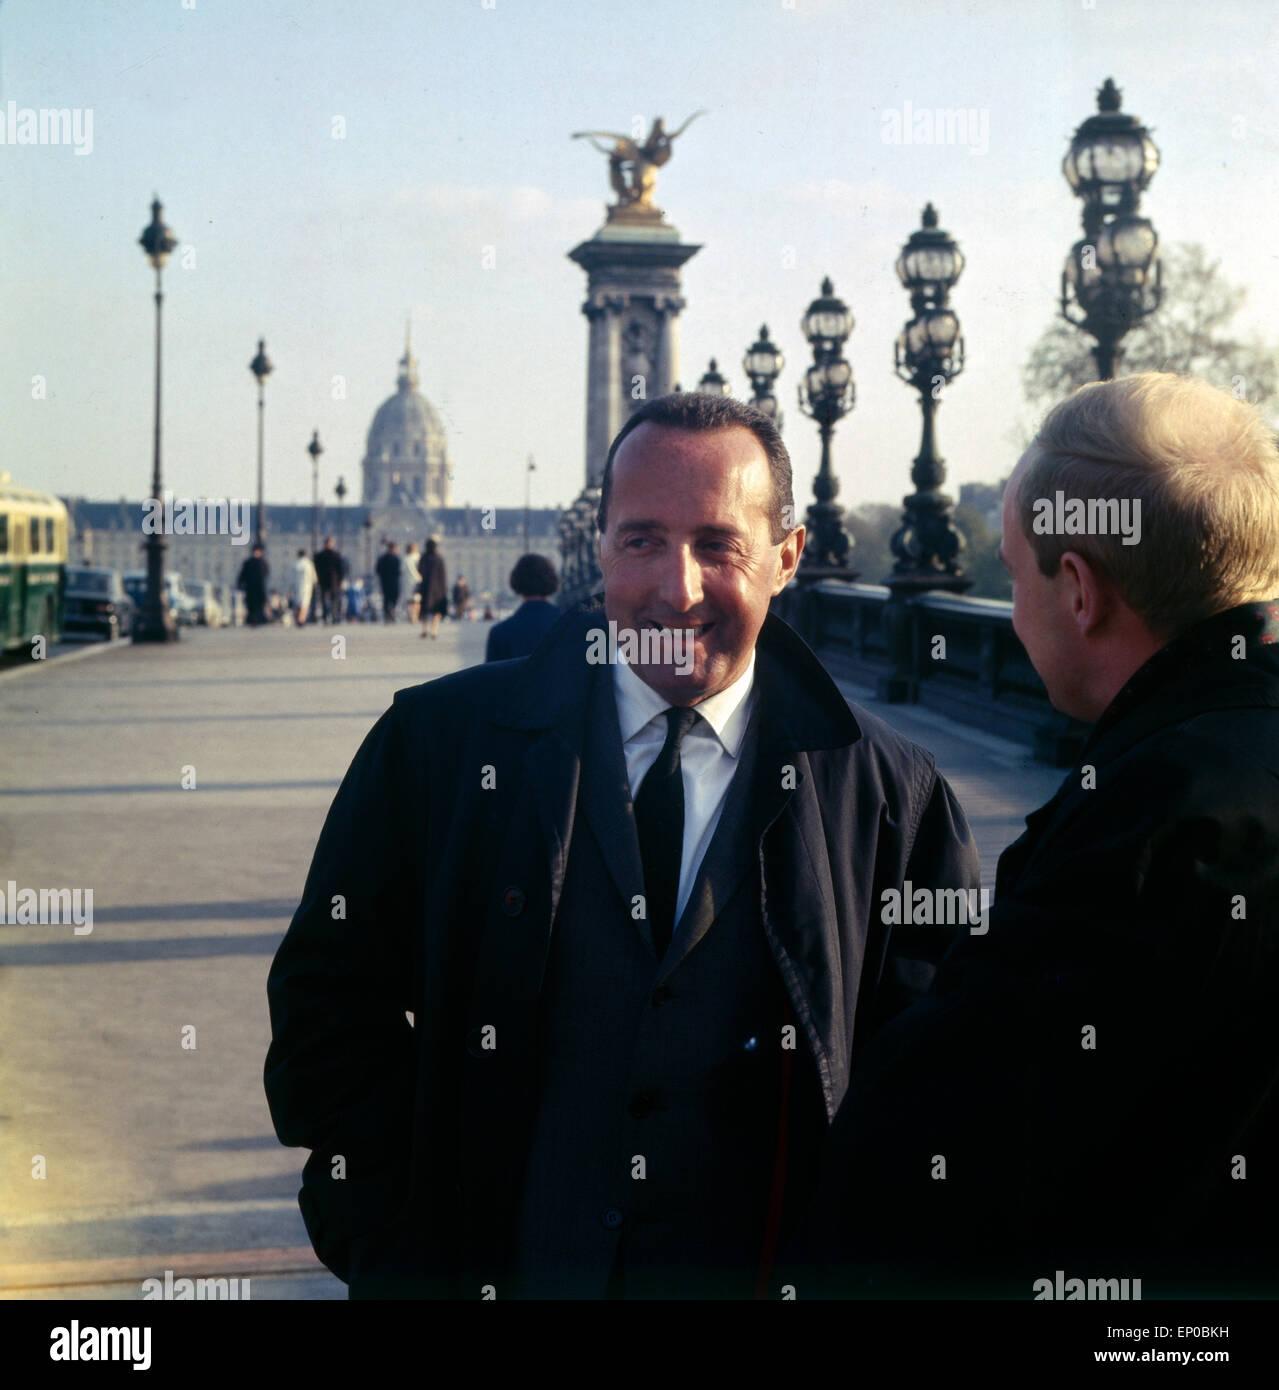 Der Deutsch französischen Journalist Und Publizist Peter Scholl-Latour Vor Dem Invalidendom in Paris, ca. 1964. Stockbild